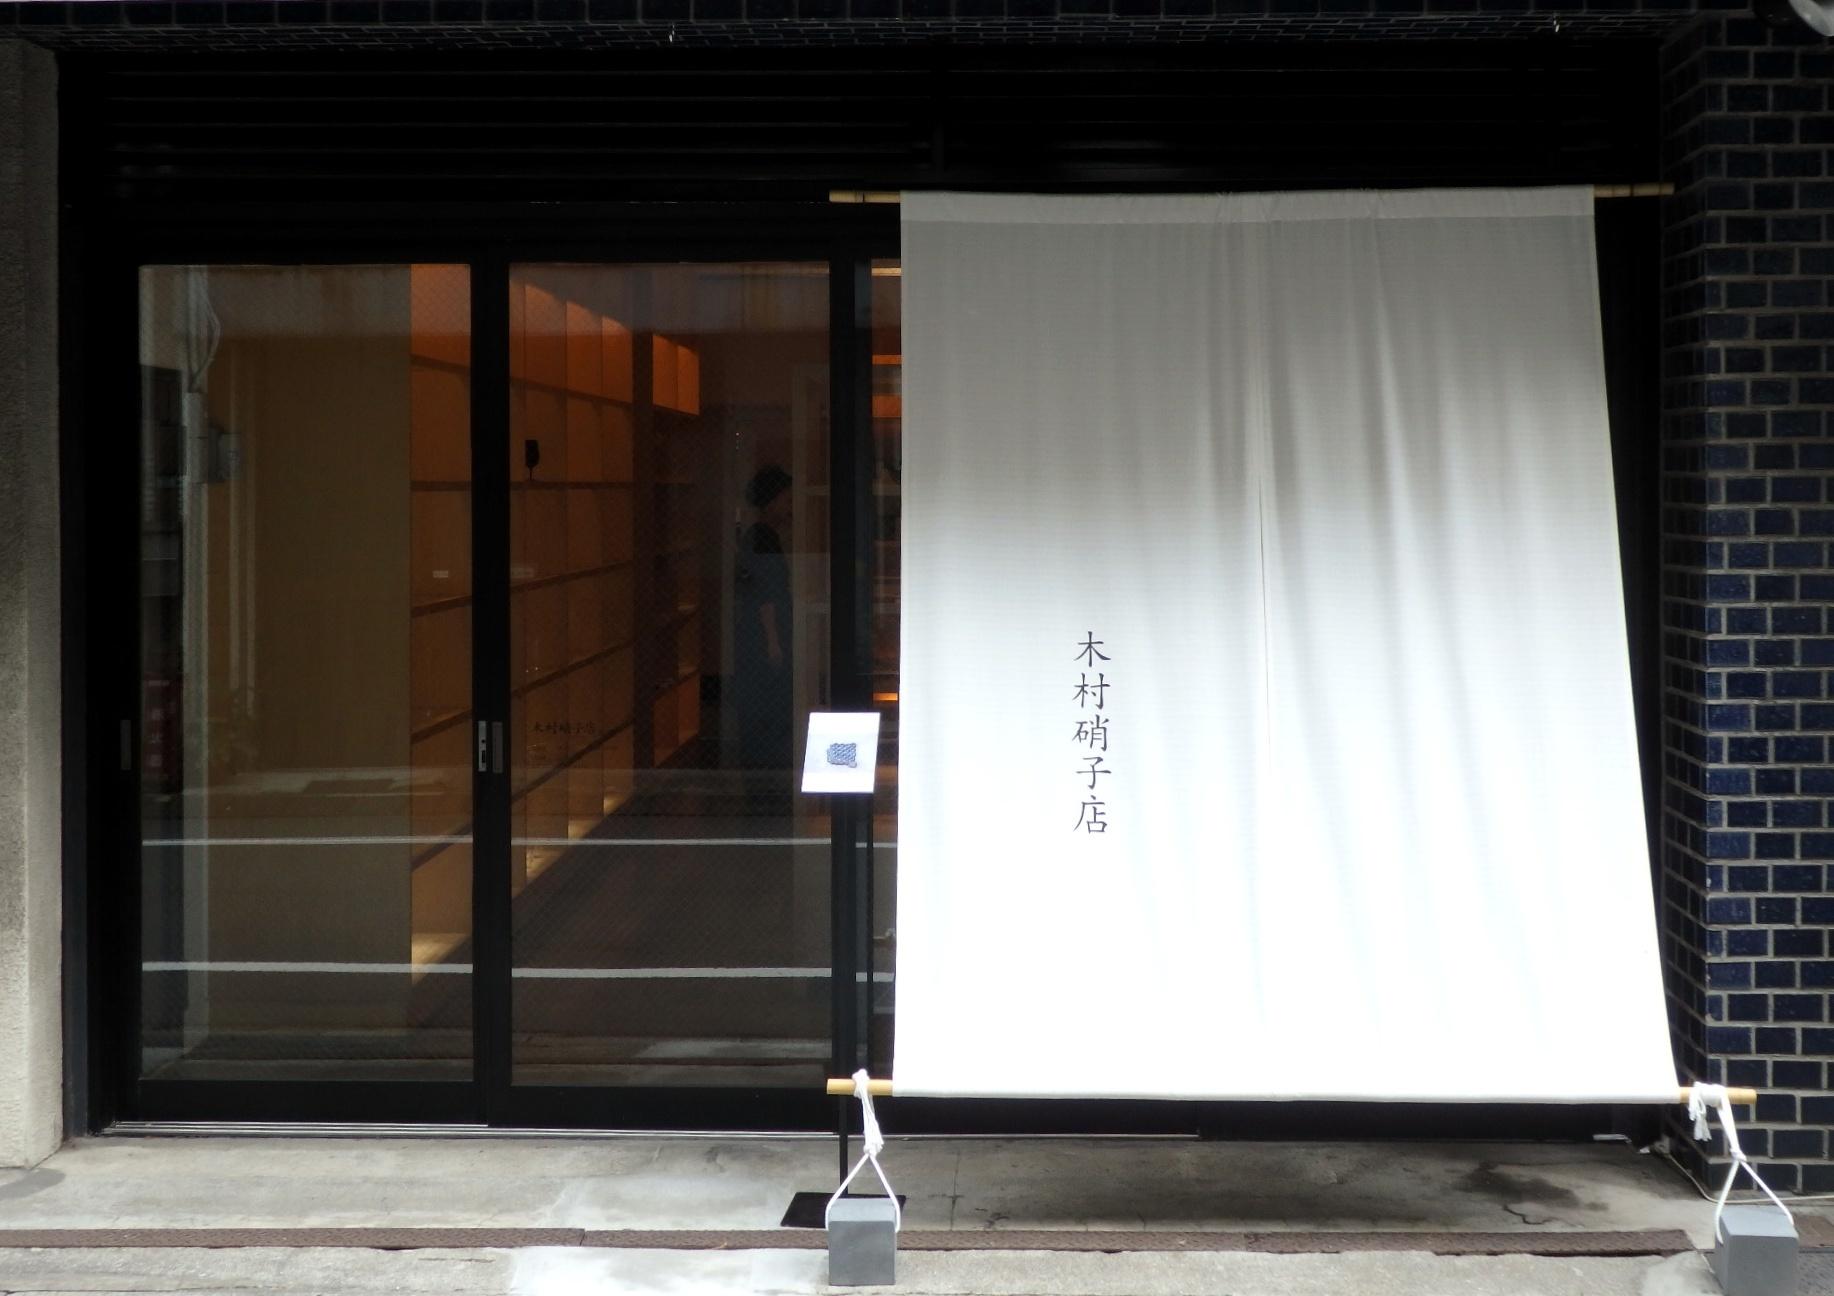 夏の終わりに東京アート散策 大室桃生さんの展示 編_f0351305_00110249.jpeg